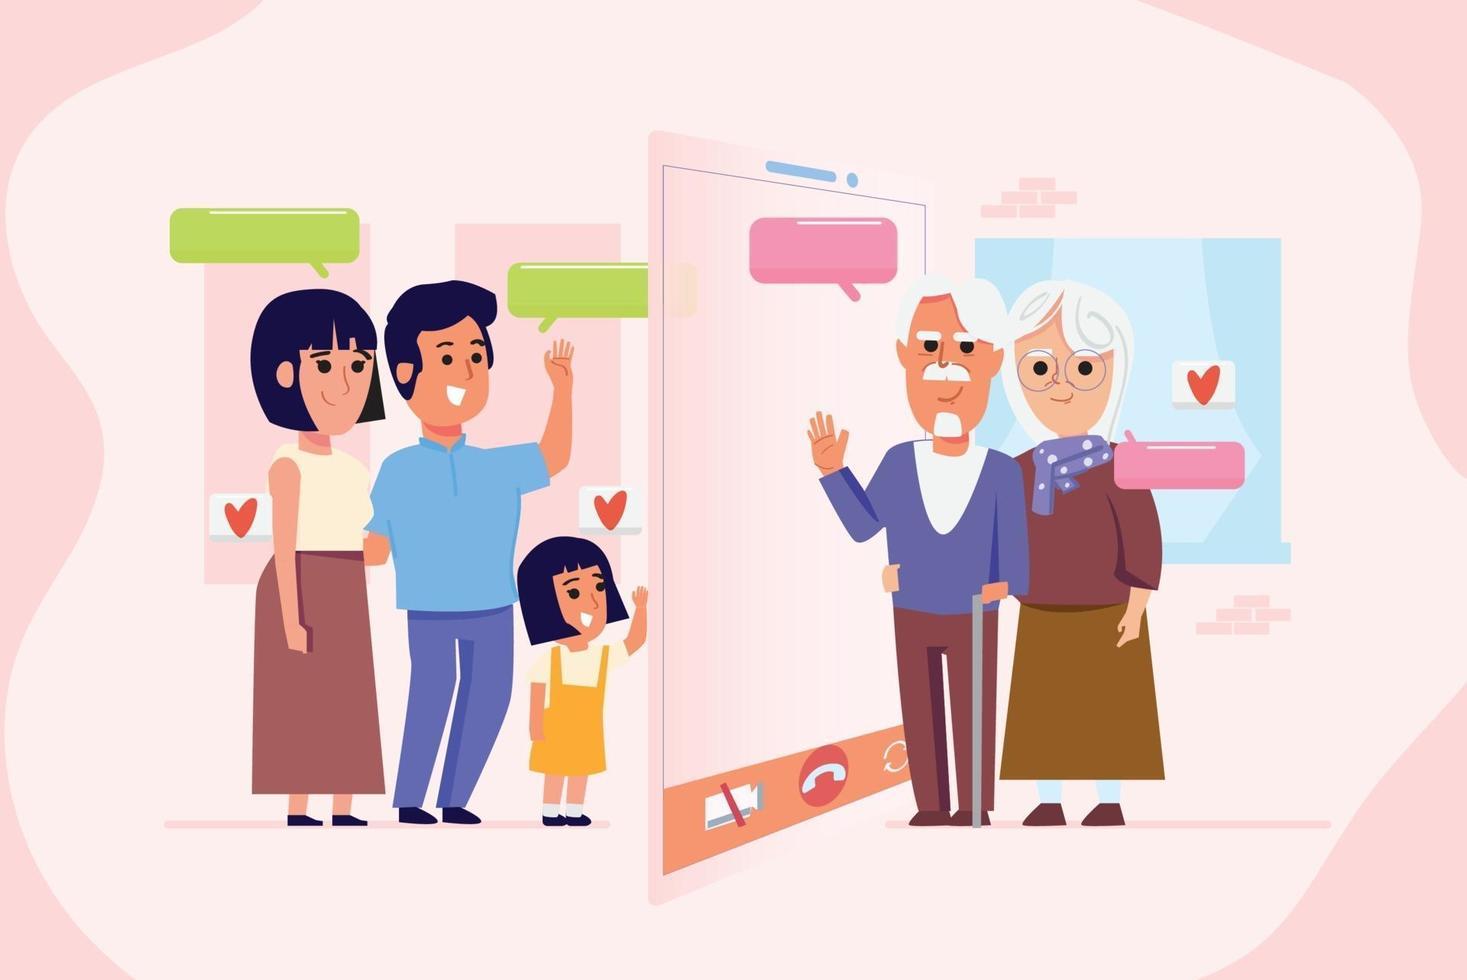 familia haciendo una videollamada juntos - vector